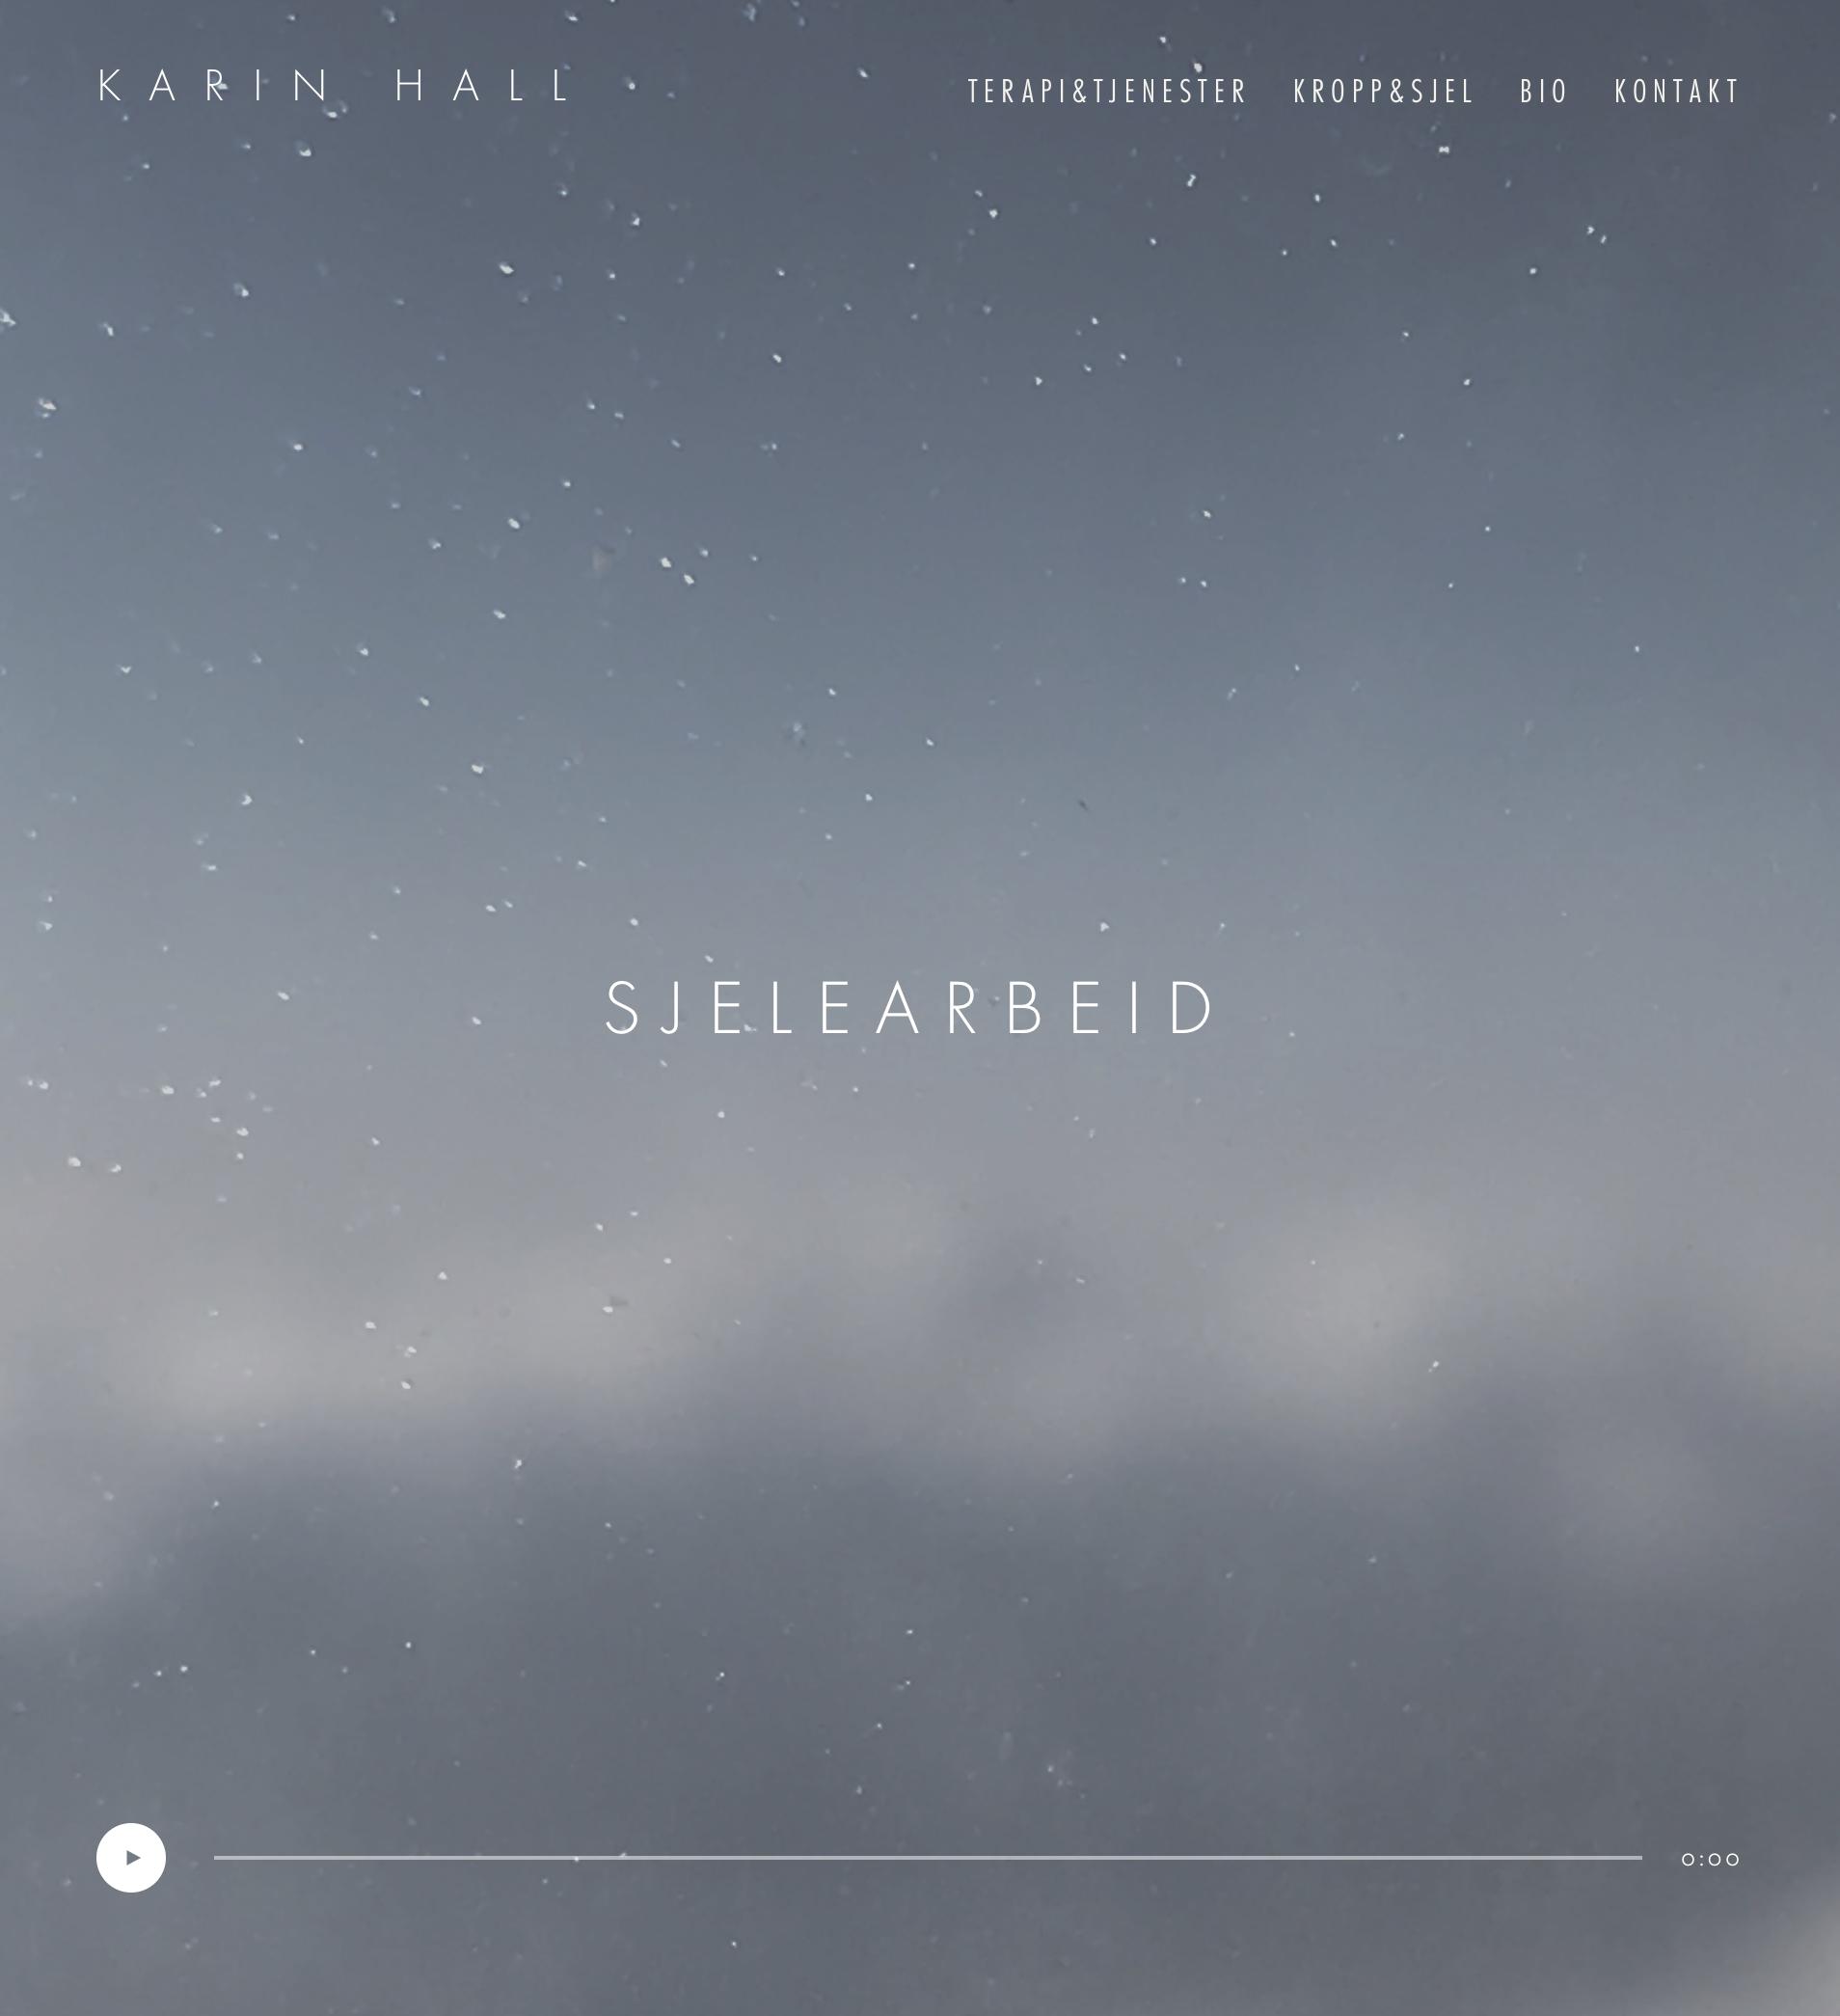 Skjermbilde 2019-03-13 kl. 14.54.28.png